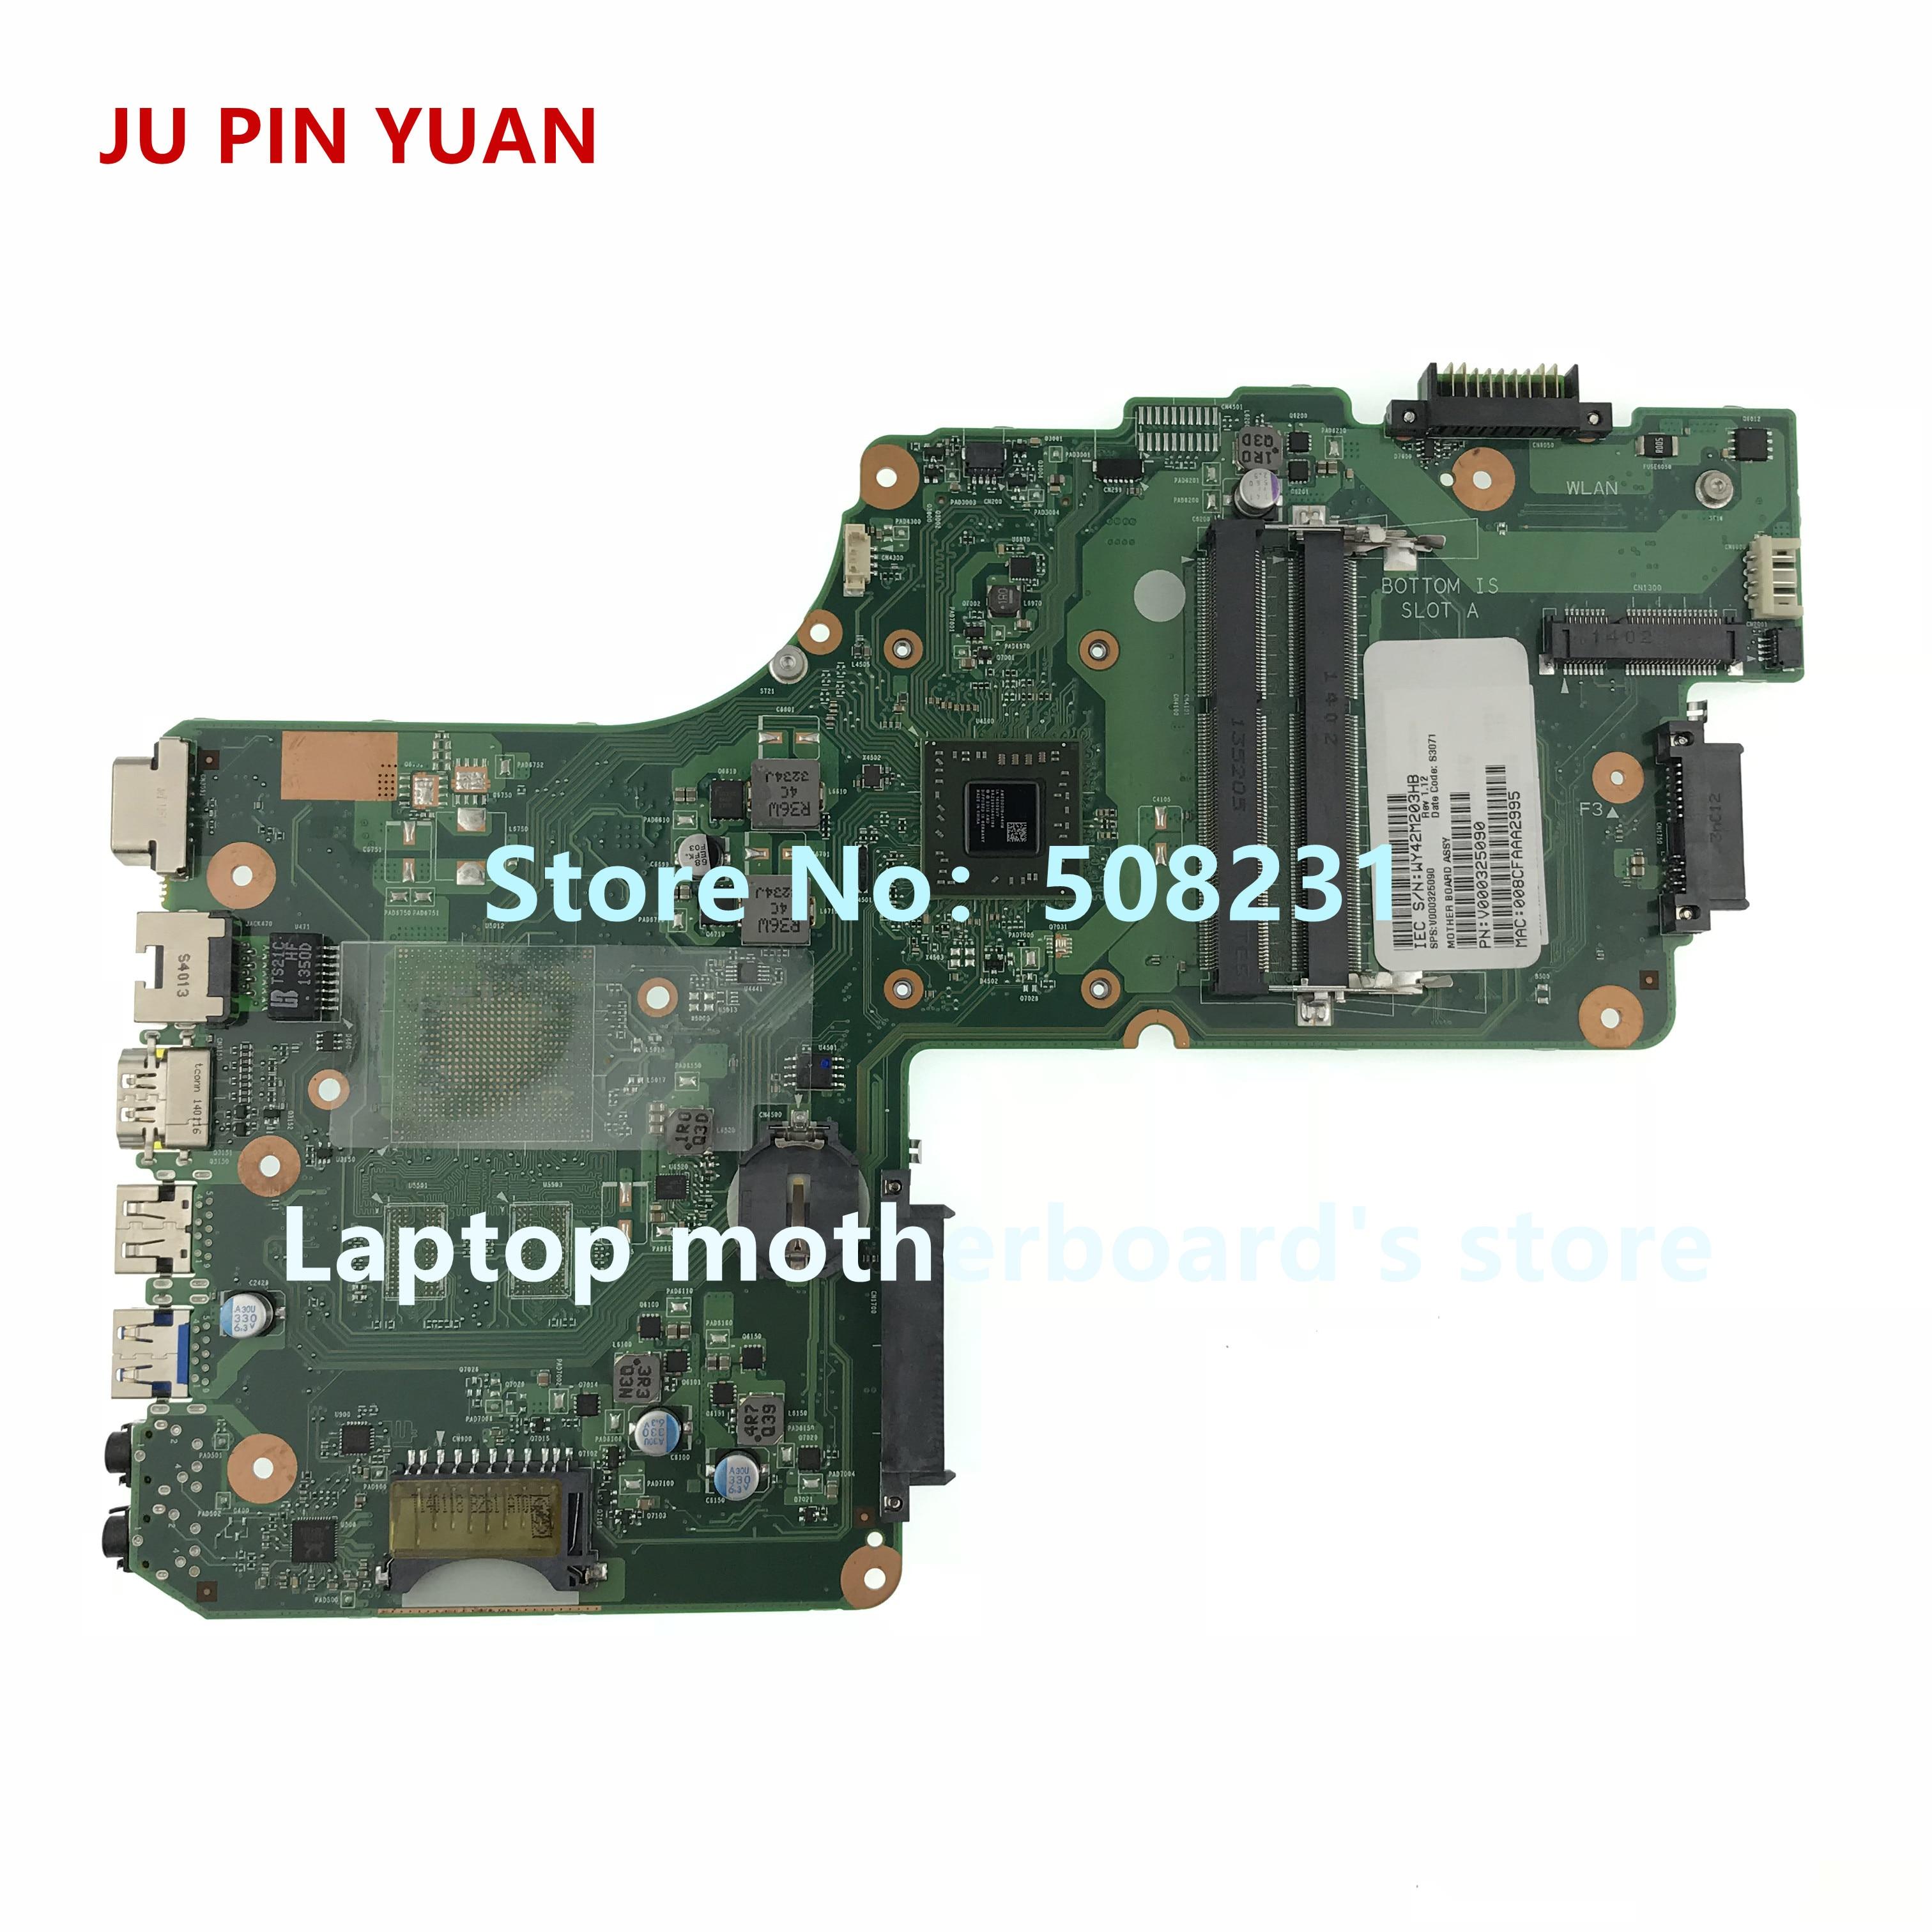 جو دبوس يوان V000325090 اللوحة لتوشيبا C55DT C50DT-A اللوحة المحمول 6050A2556901-MB-A03